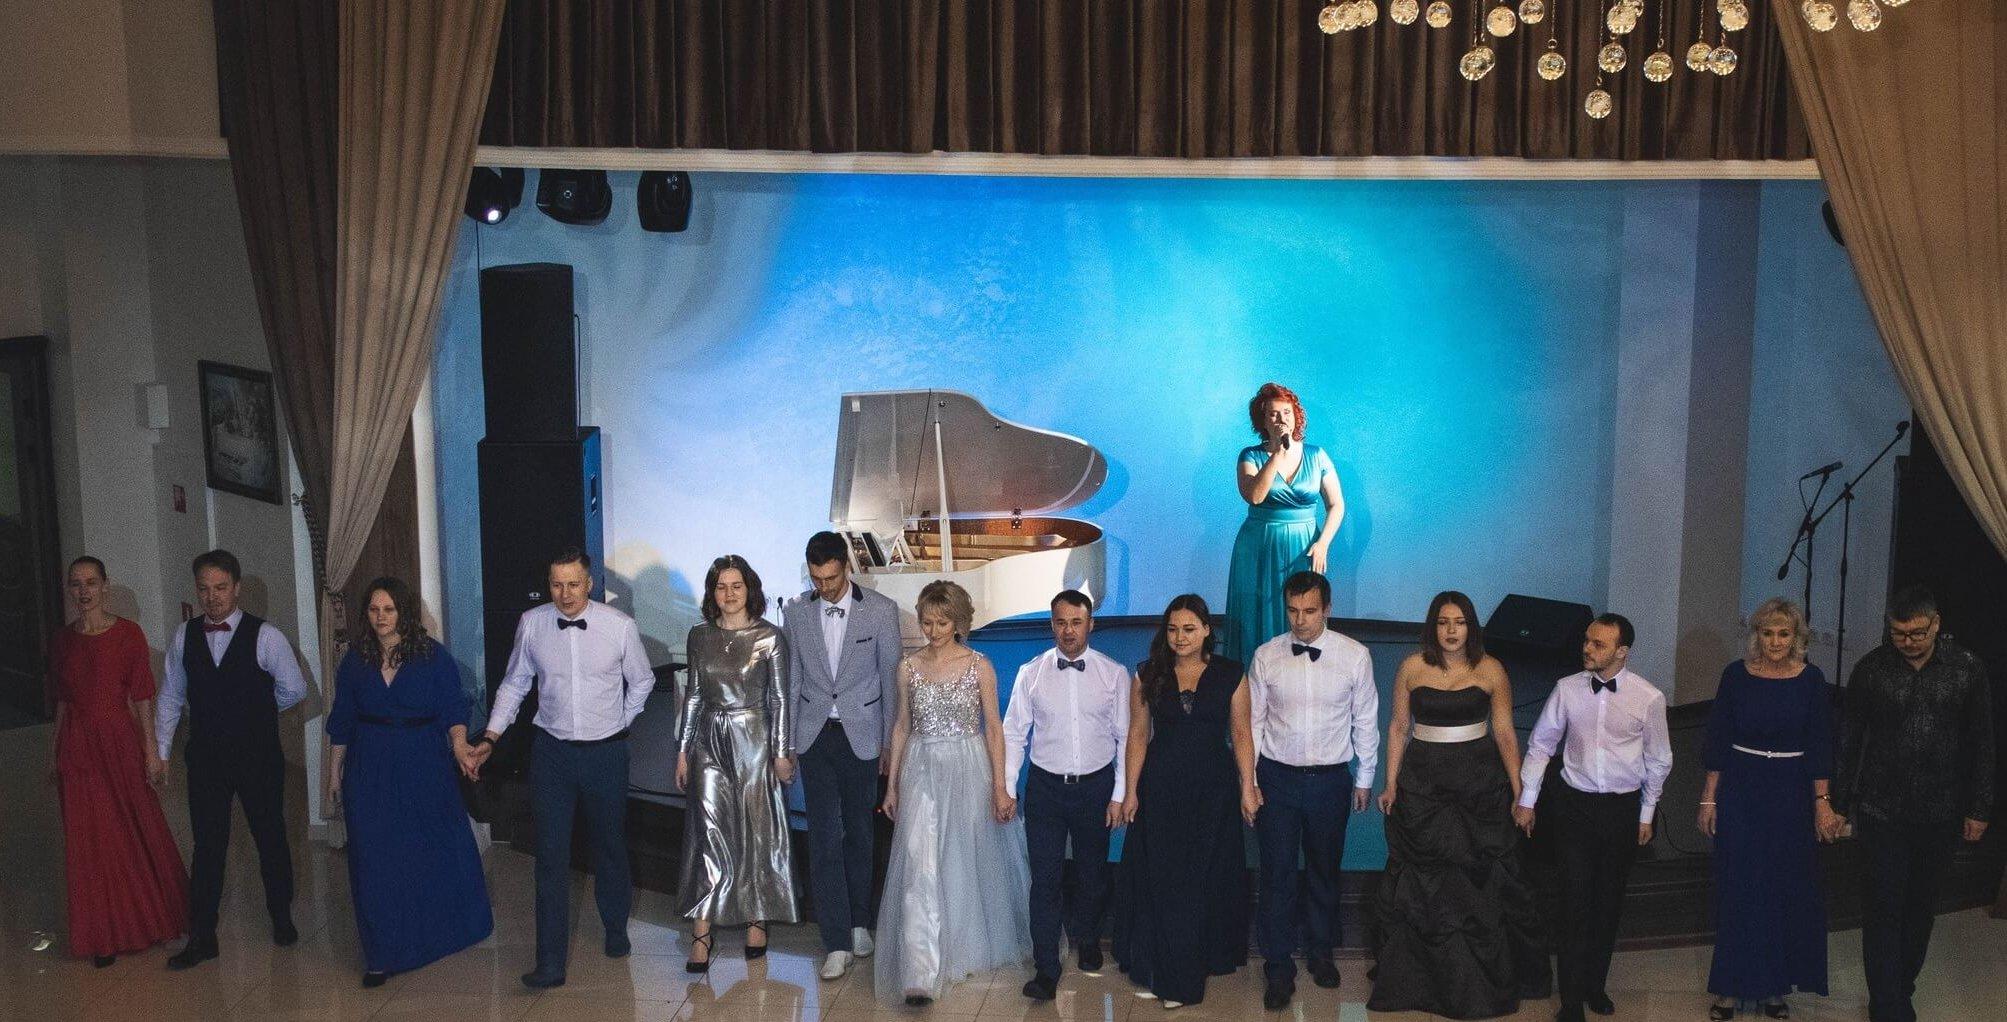 Югорские семьи – участники окружного этапа конкурса «Семья года Югры»